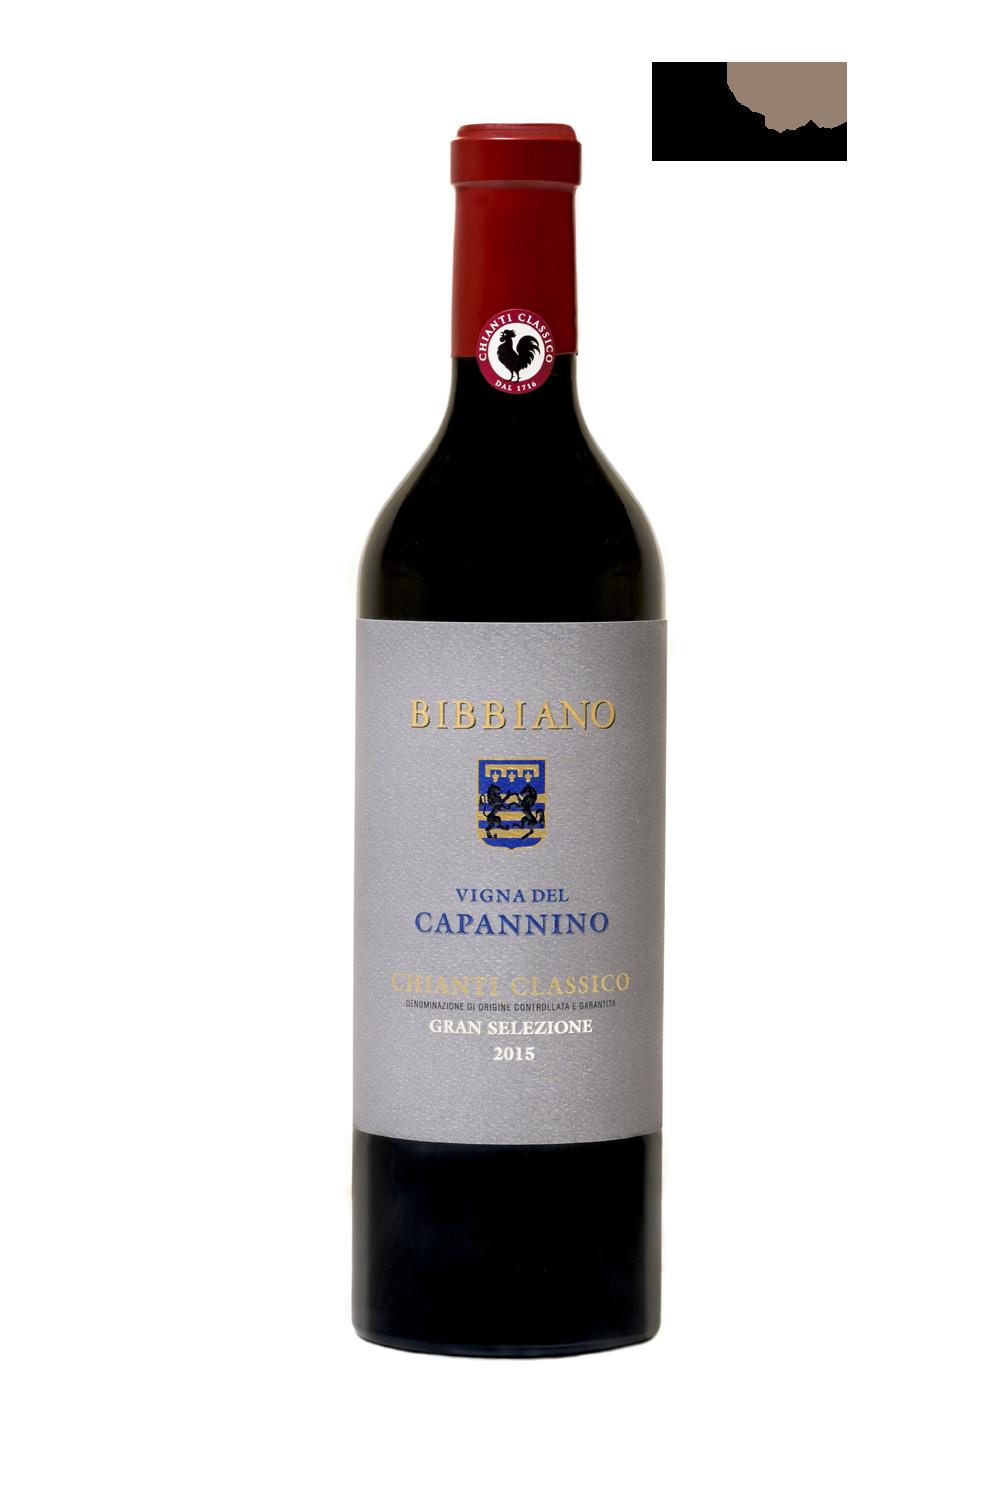 ws96-bibbiano-chianti-classico-gran-selezione-vigna-del-capannino-2015.2